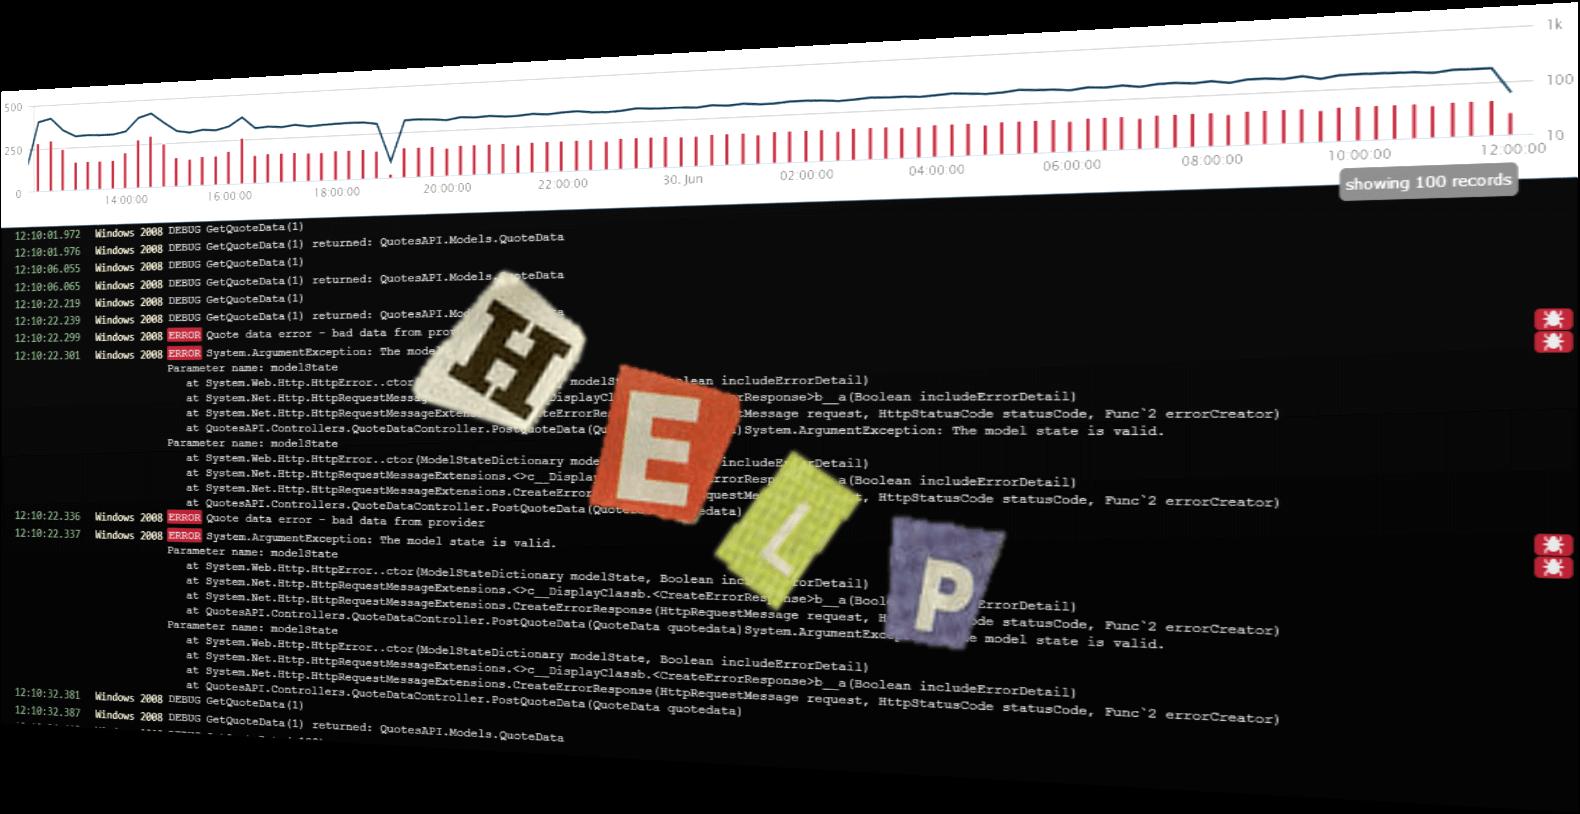 Webinar log error